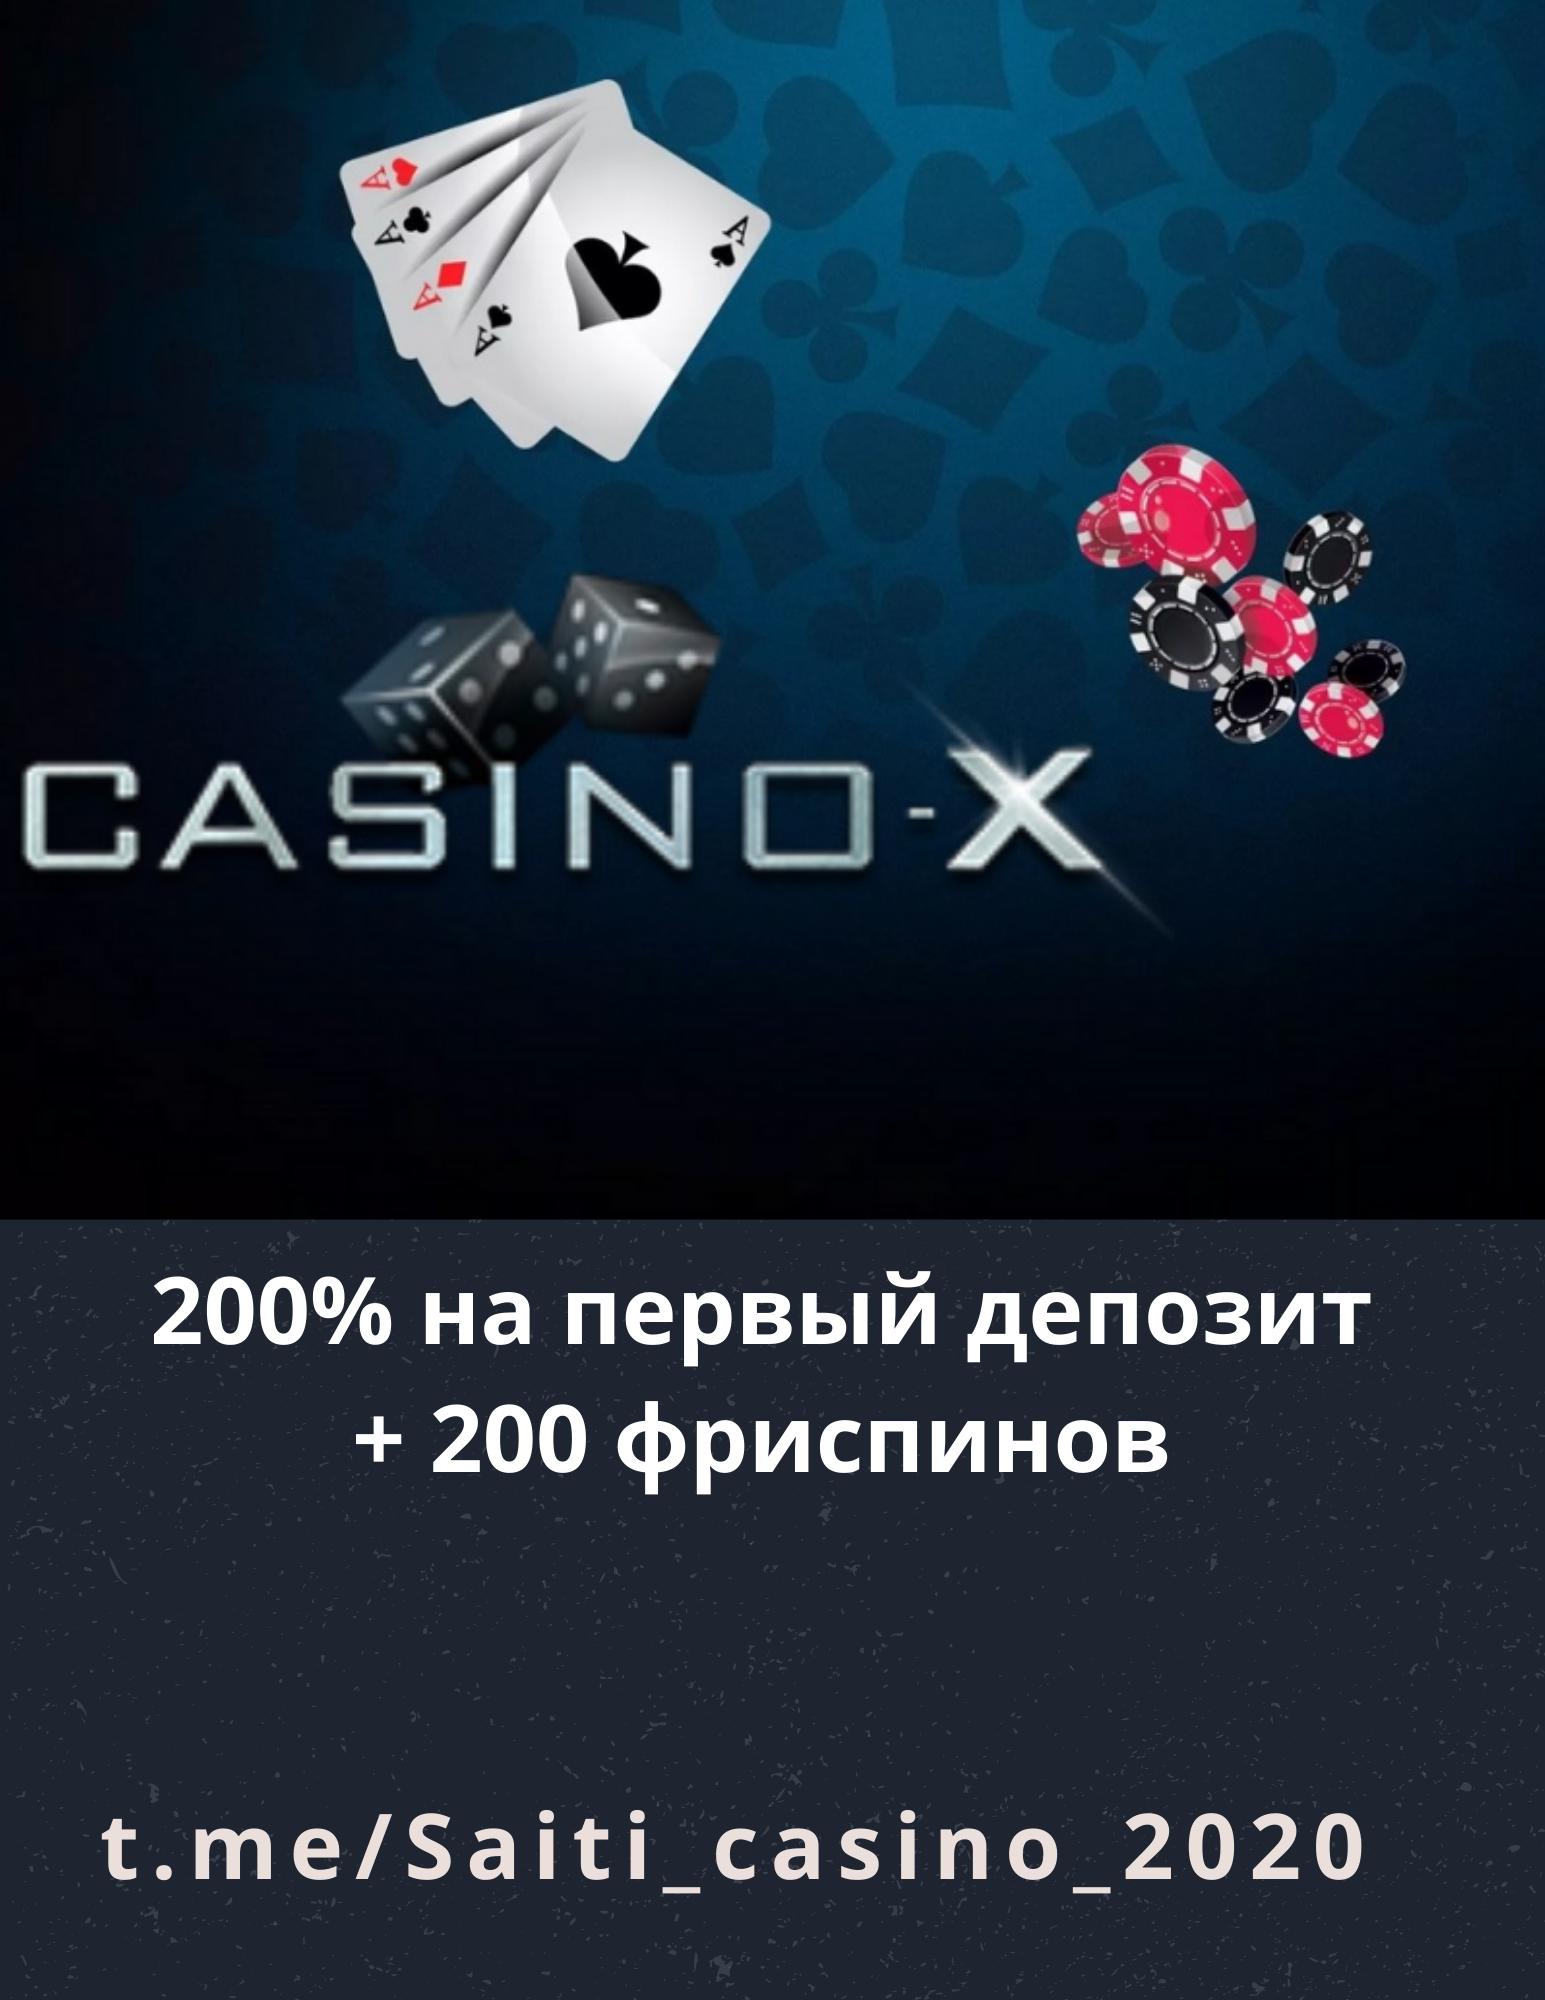 Как играть казино x игровые.автоматы адреса